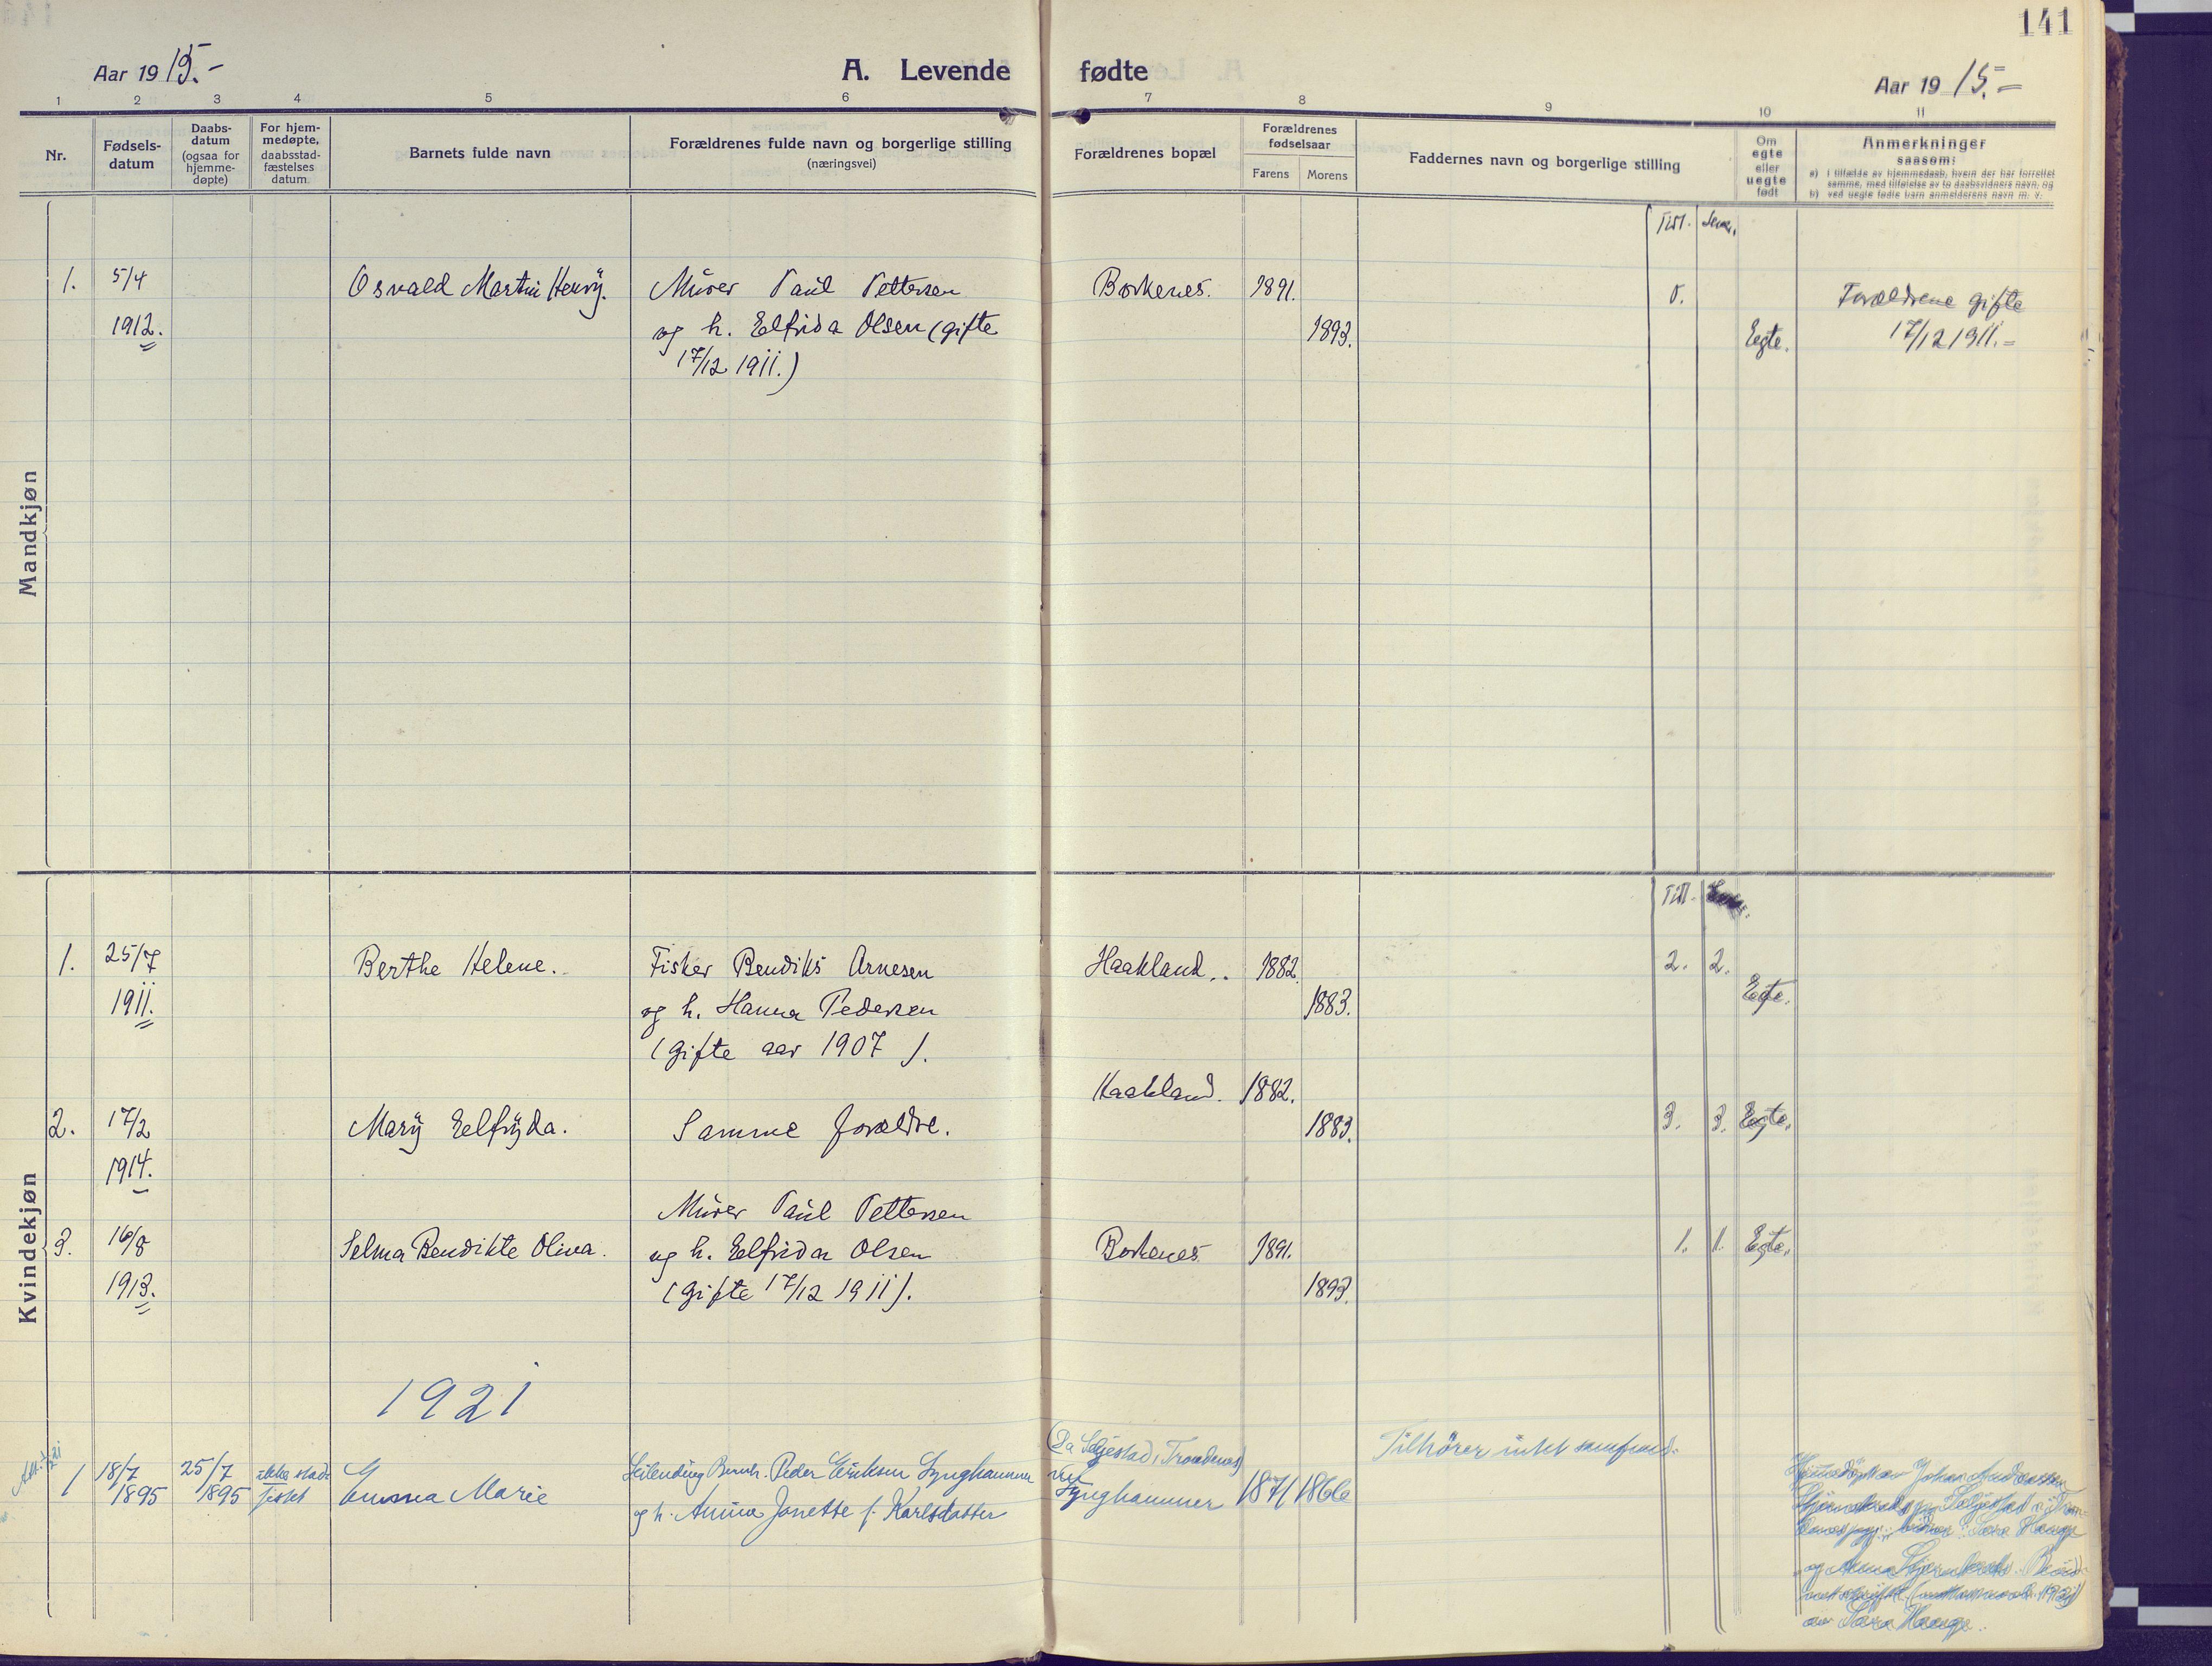 SATØ, Kvæfjord sokneprestkontor, G/Ga/Gaa/L0007kirke: Ministerialbok nr. 7, 1915-1931, s. 141